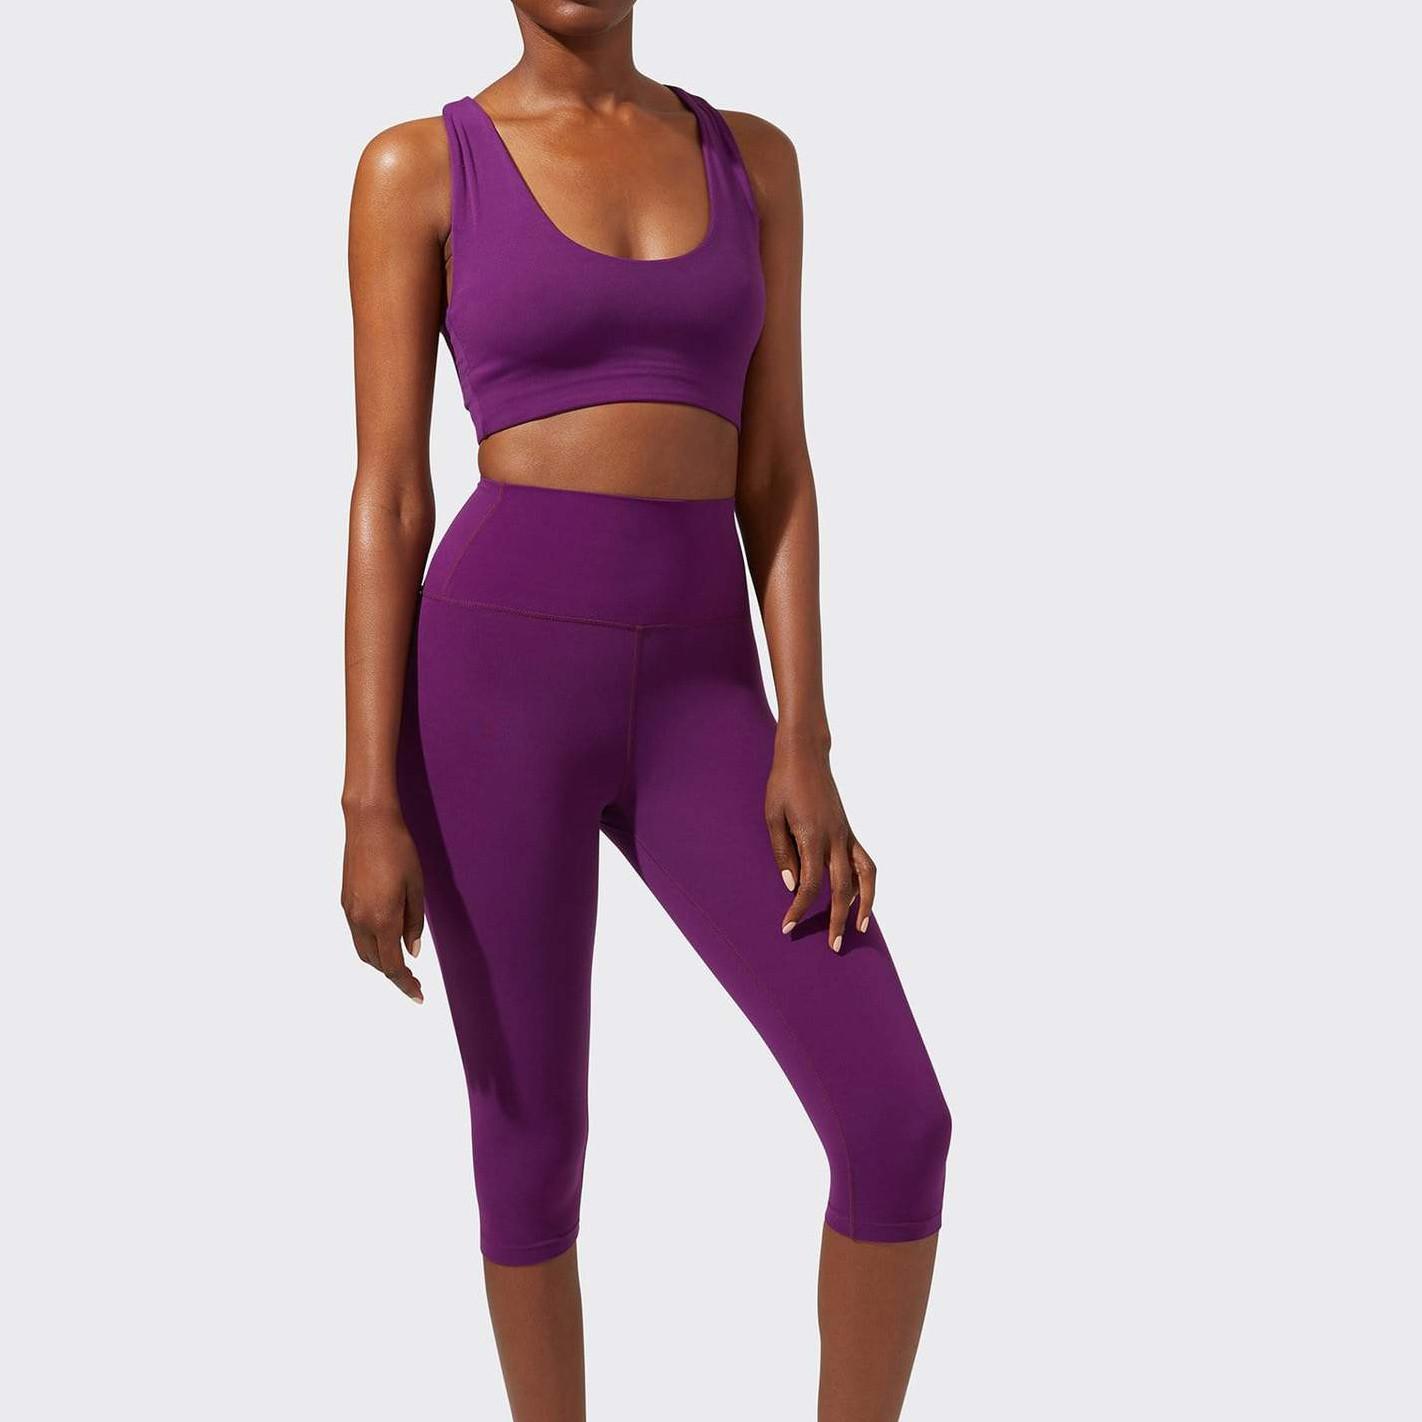 wholesale athletic clothing